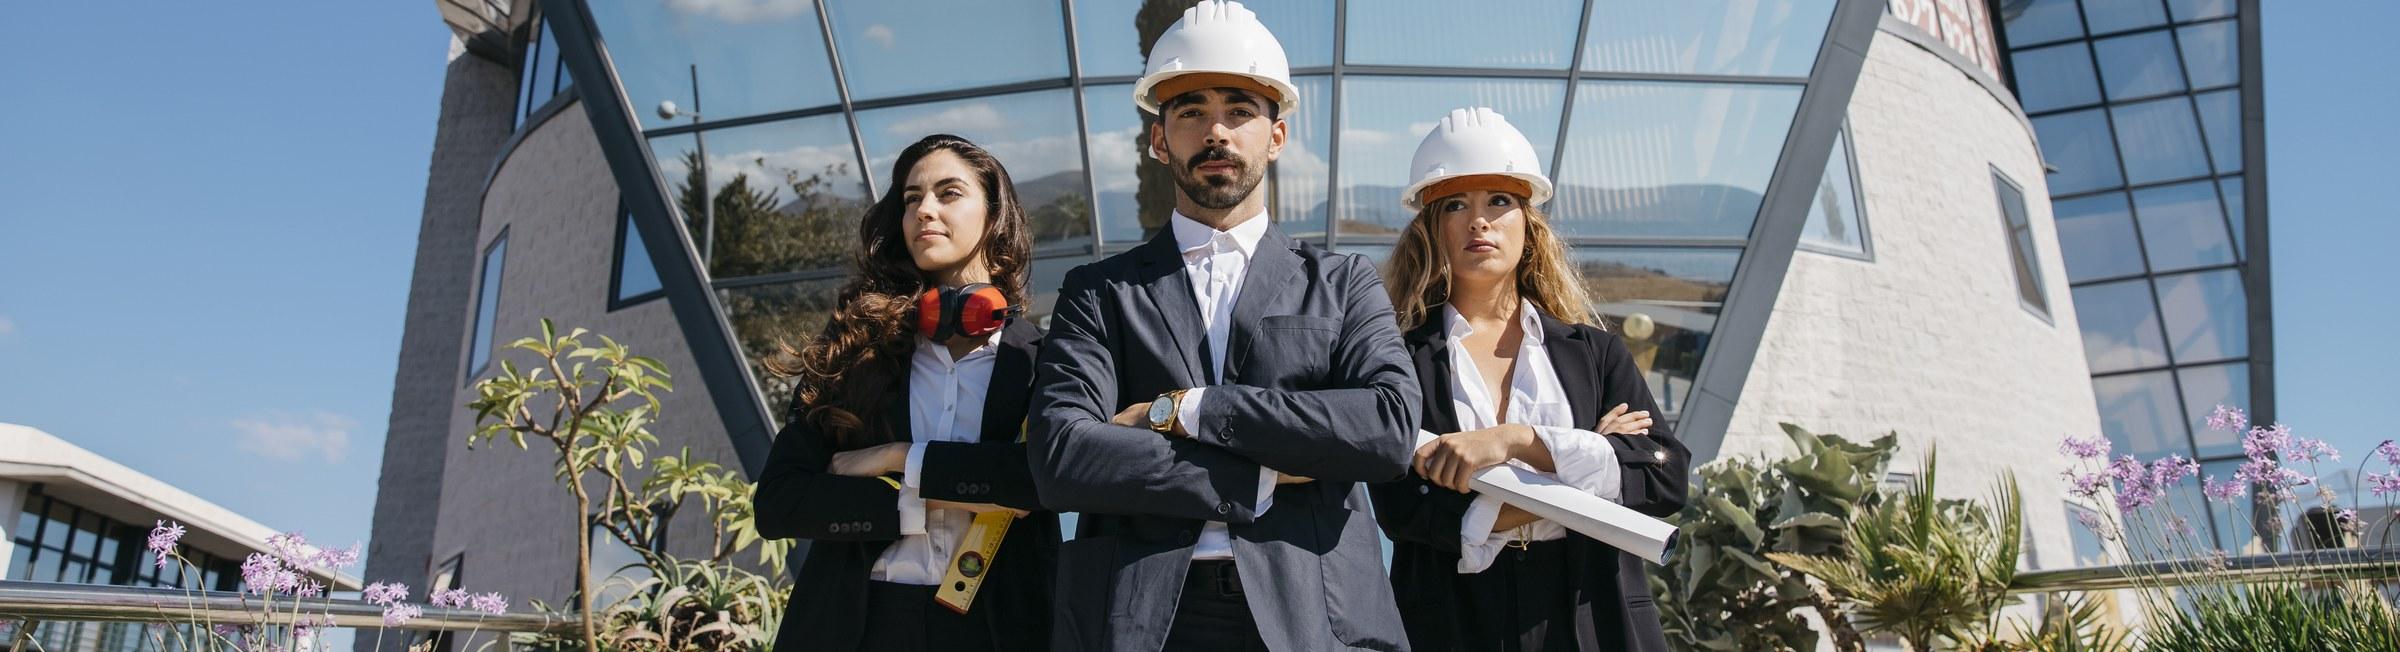 Des experts du recrutement devant une agence d'emploi